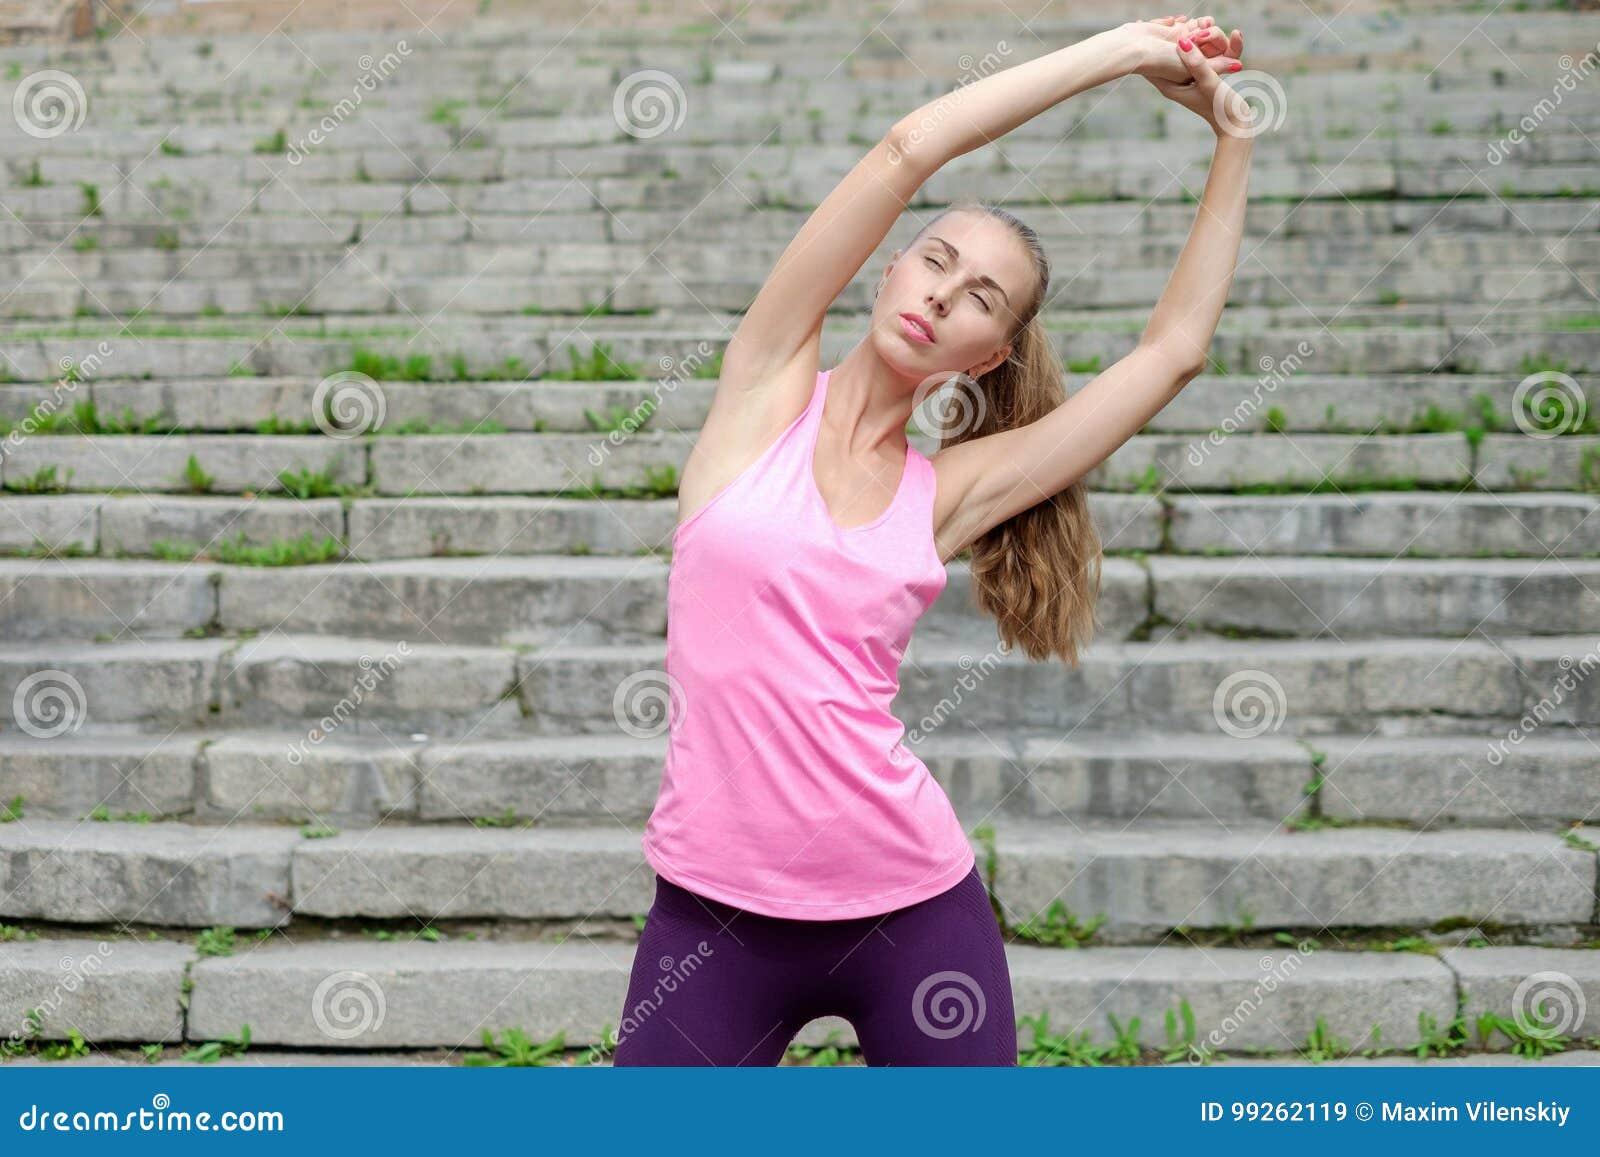 Портрет молодой sporty женщины в платье спорта делает протягивать тренировки внешние